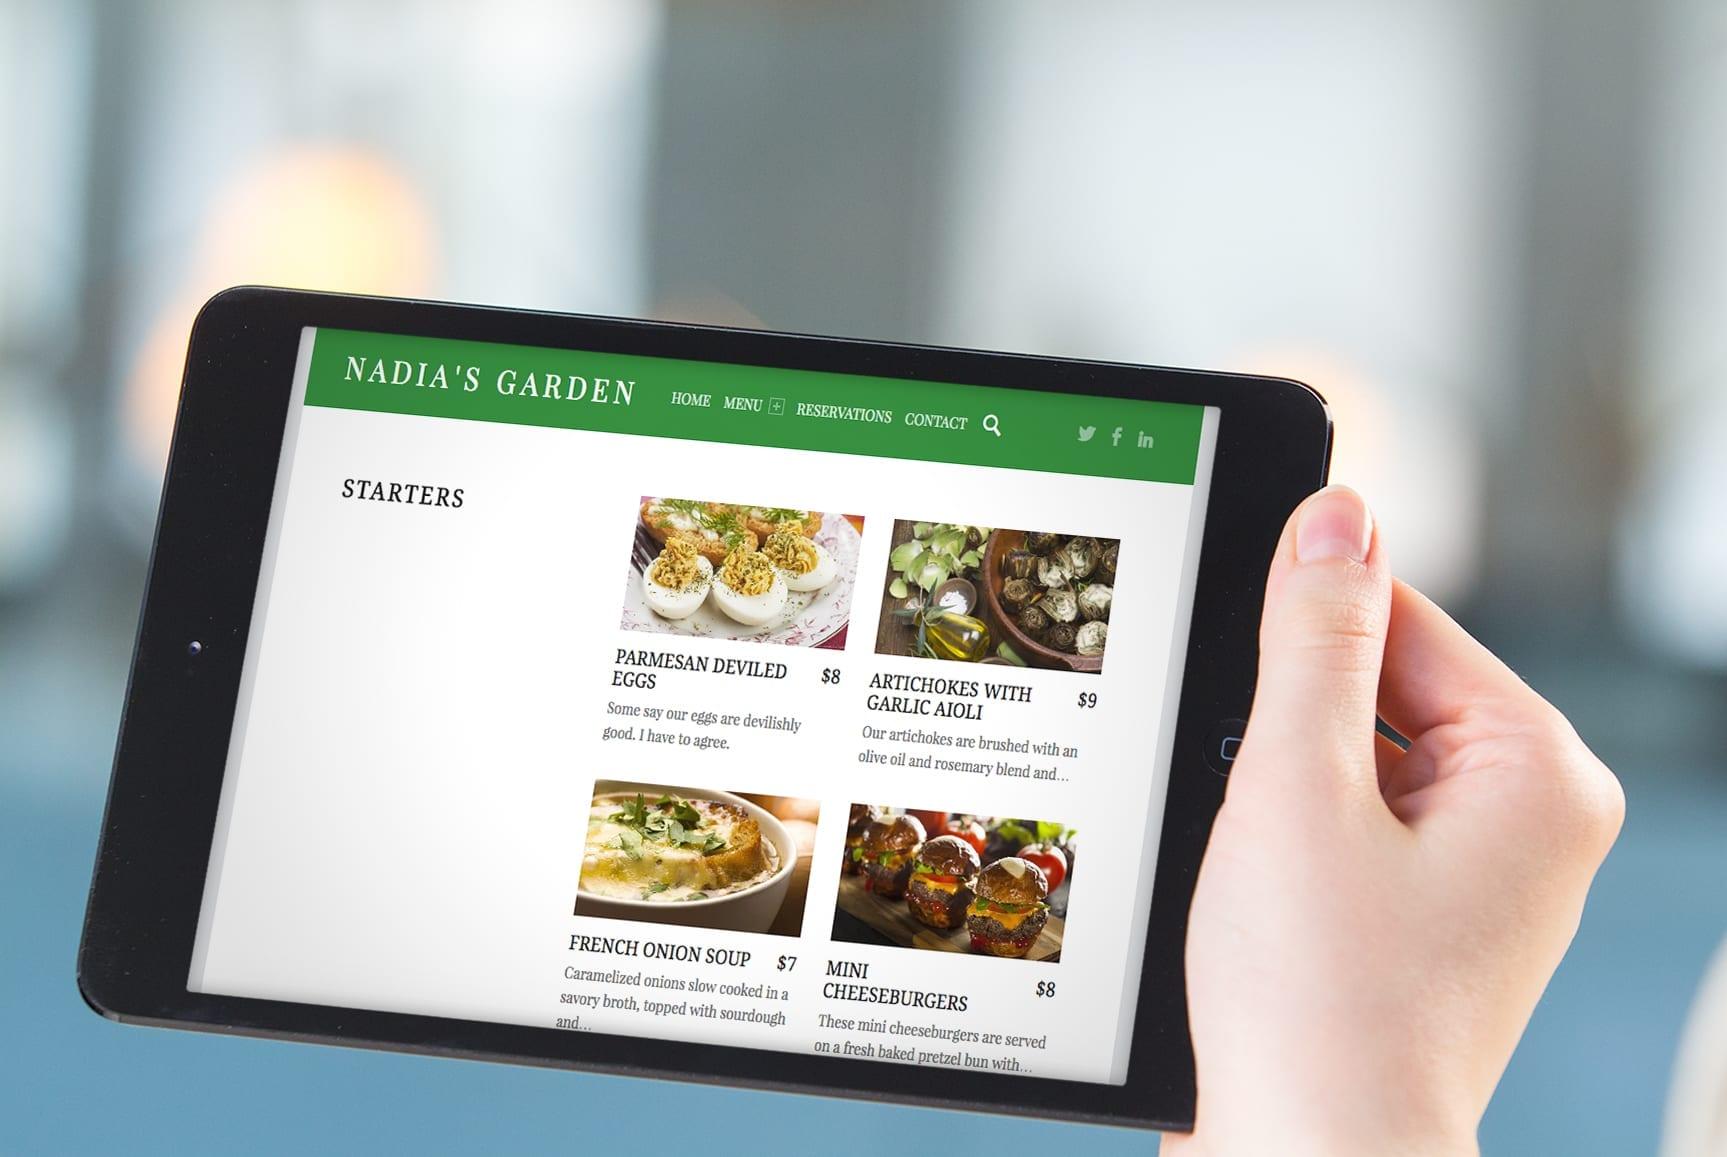 tablet-nadia-garden